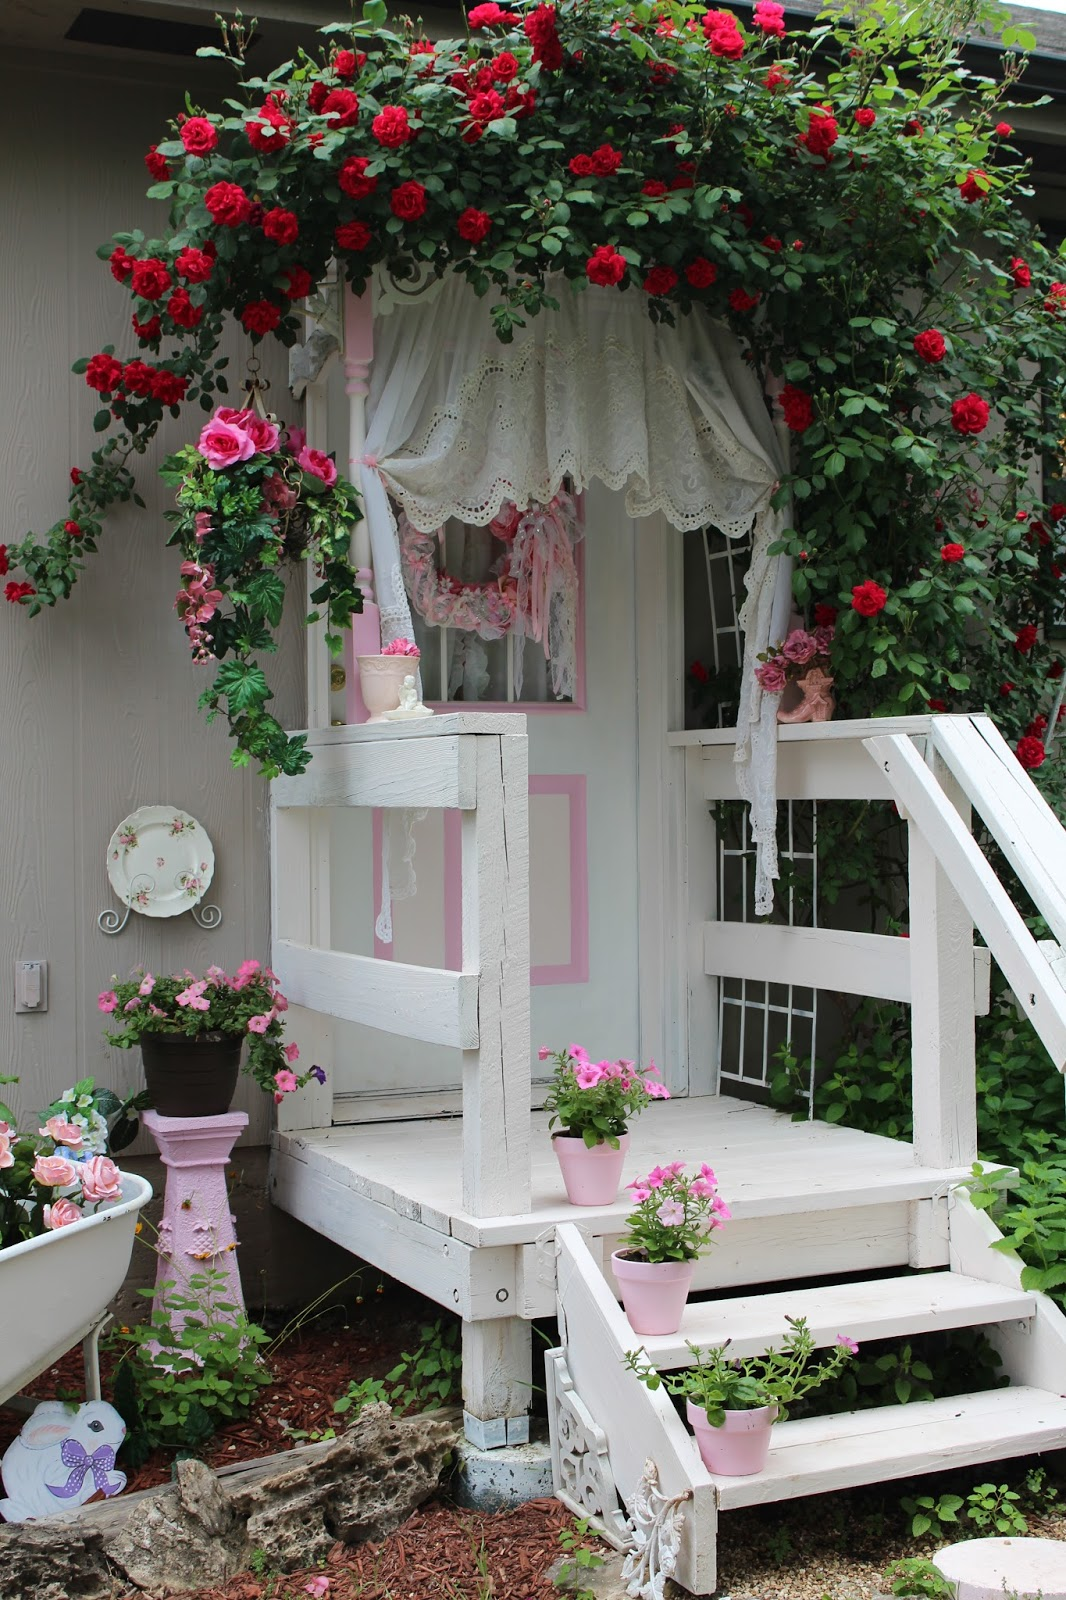 Fiori odori e colori nei giardini in stile shabby il - Shabby chic giardino ...